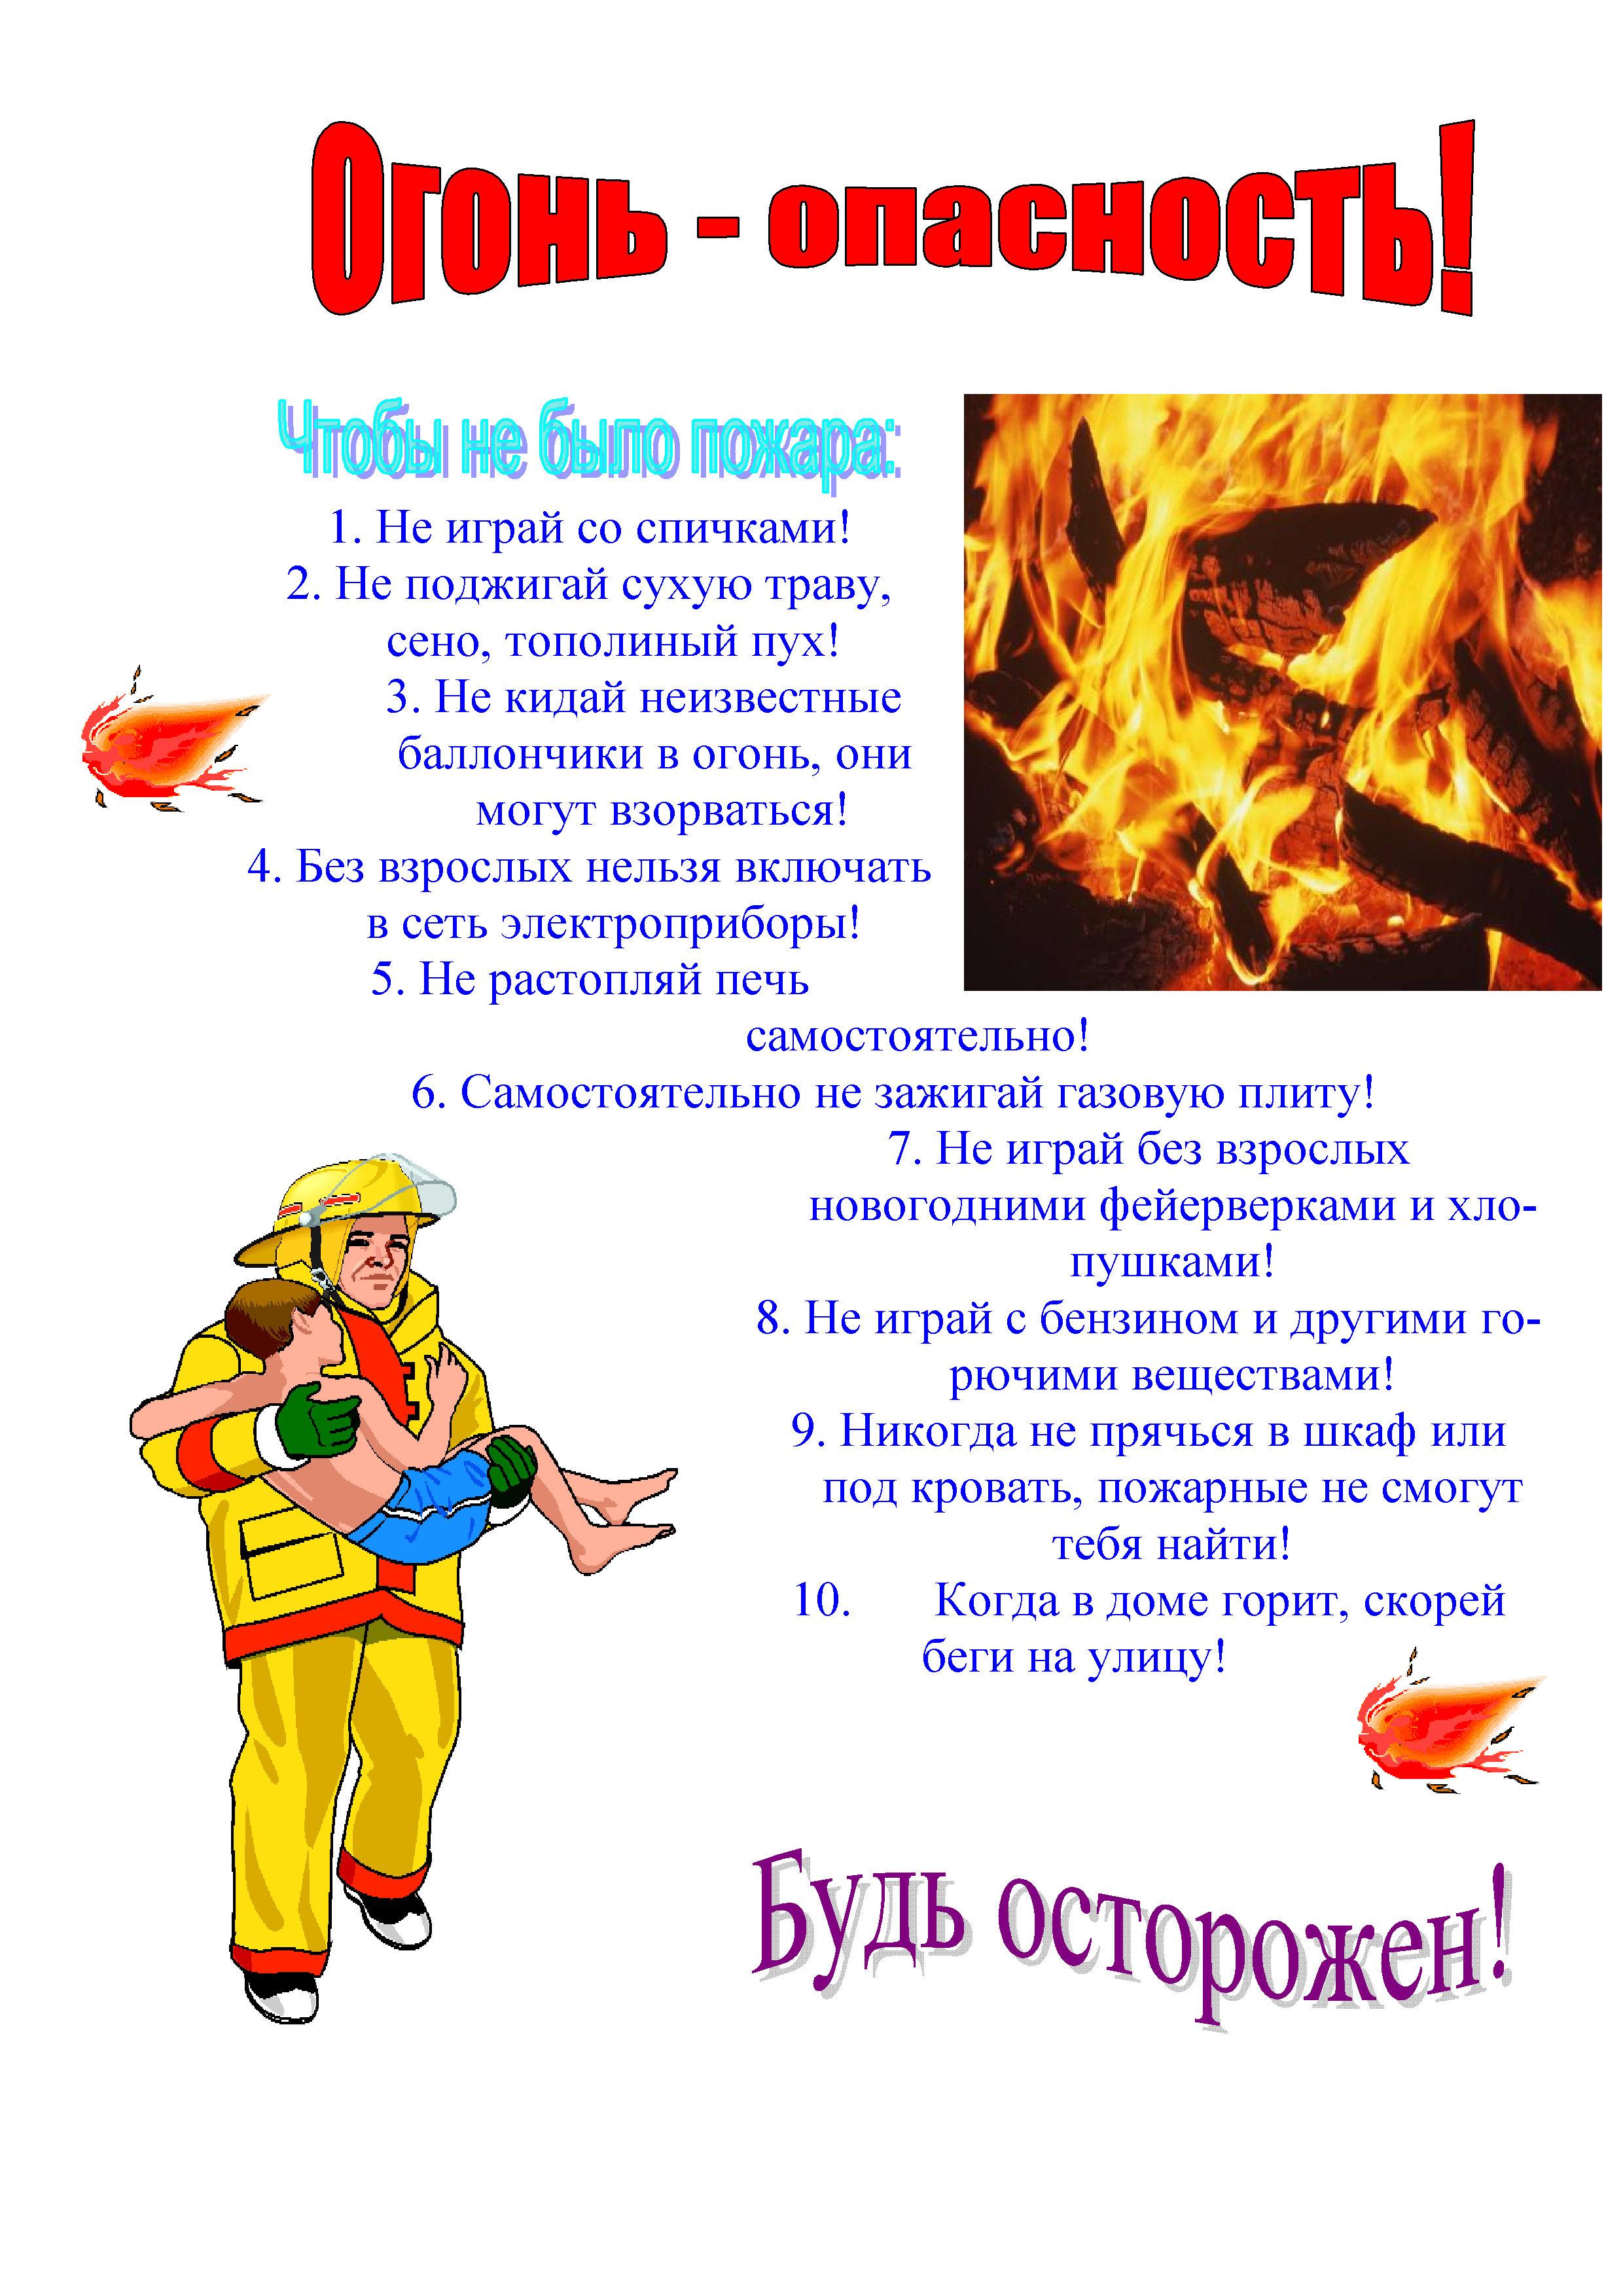 инструкции по технике безопасности для детей доу в картинках